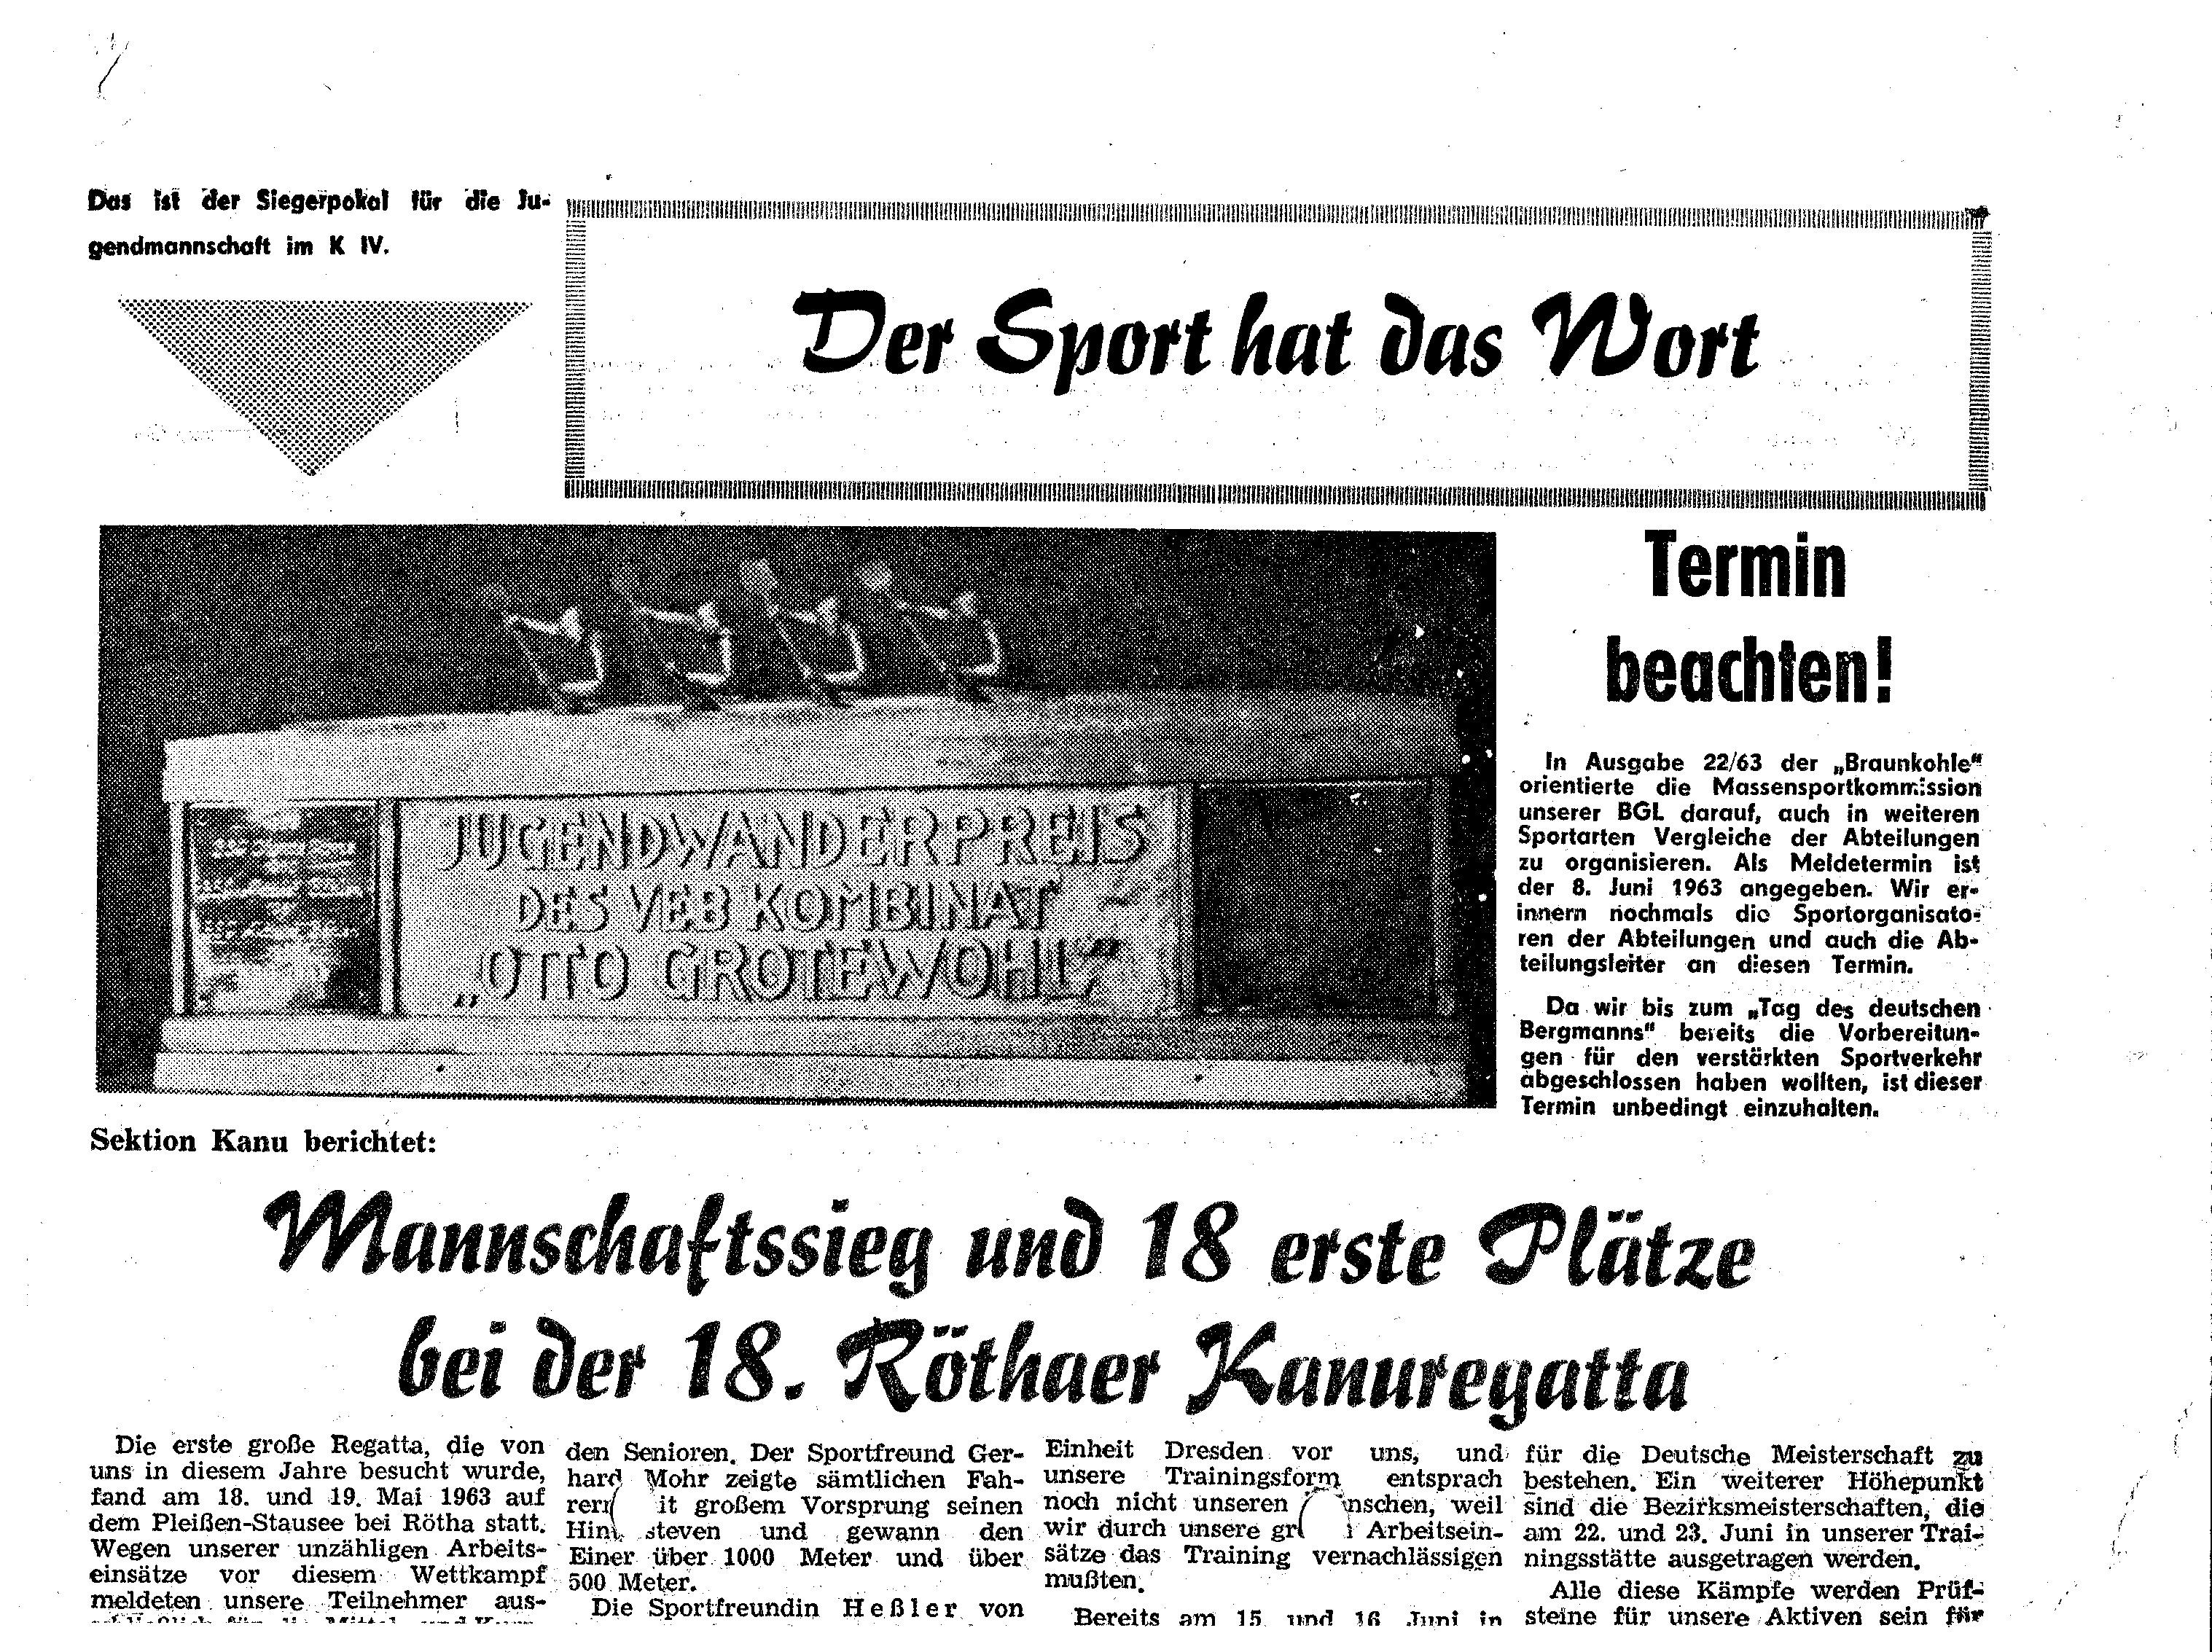 1963-06 Mannschaftssieg und 18 erste Plätze Rötha